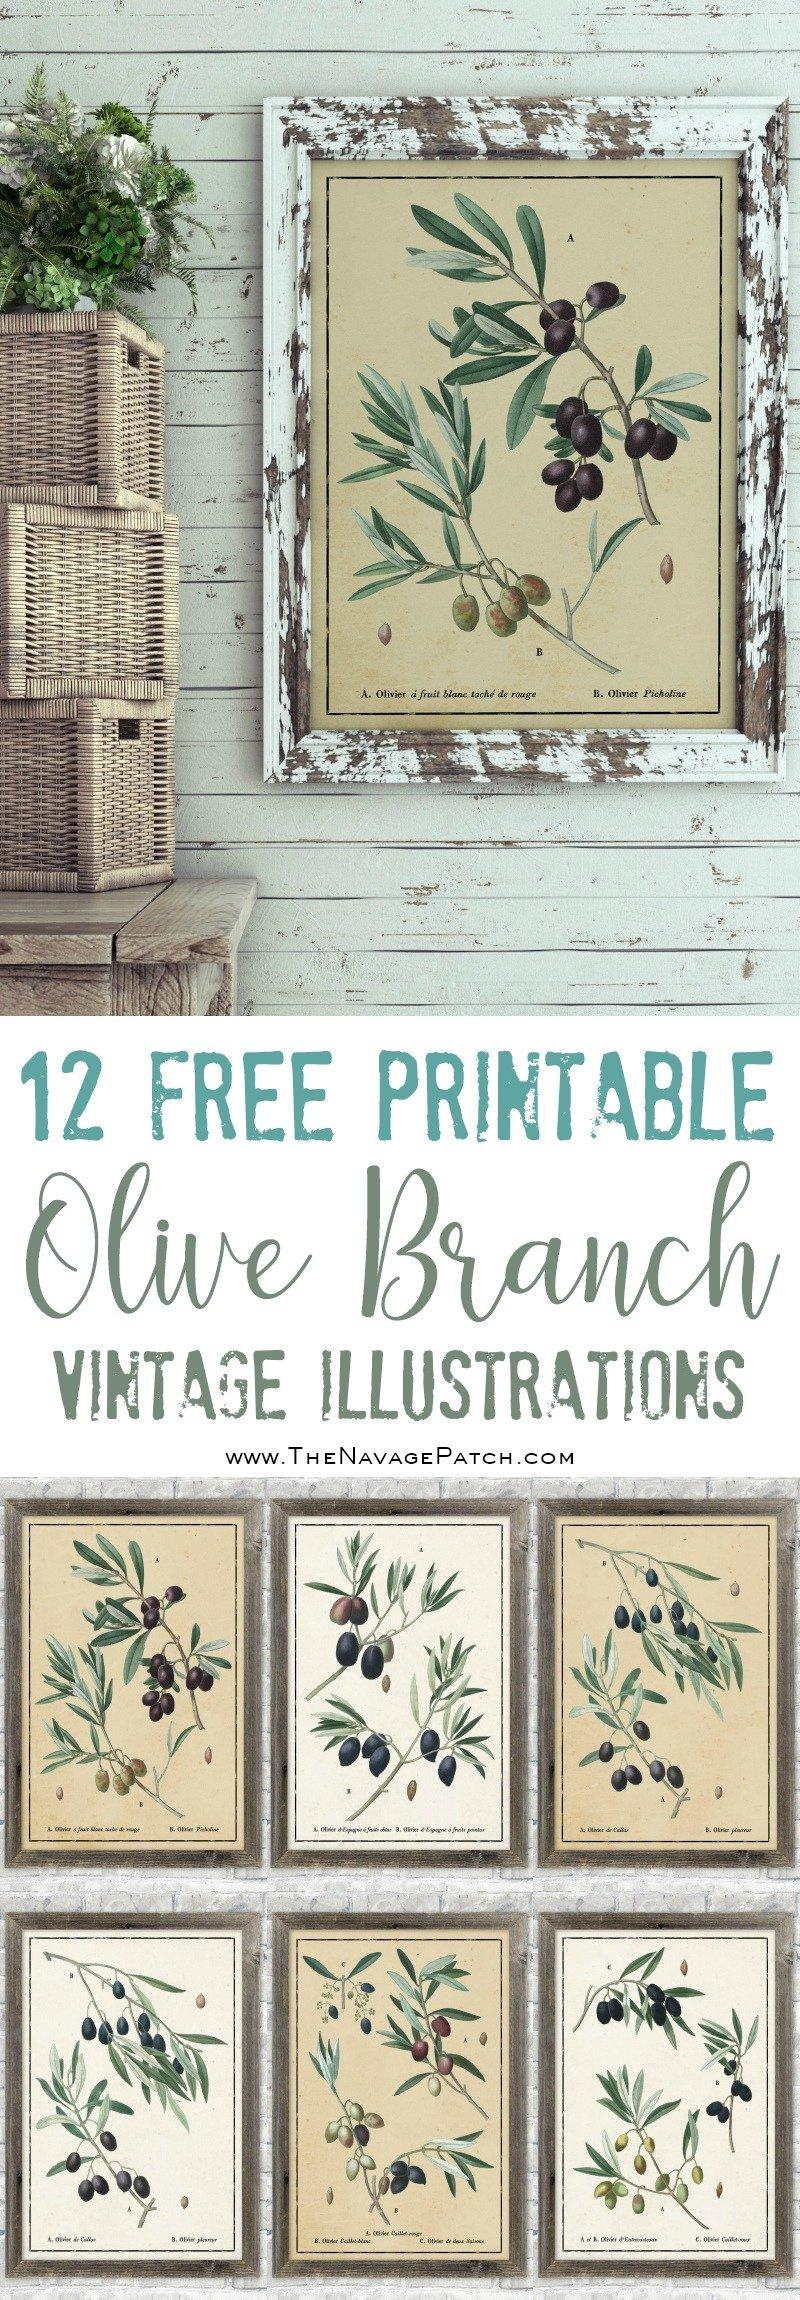 Vintage botanical olive branch illustrations pinterest image